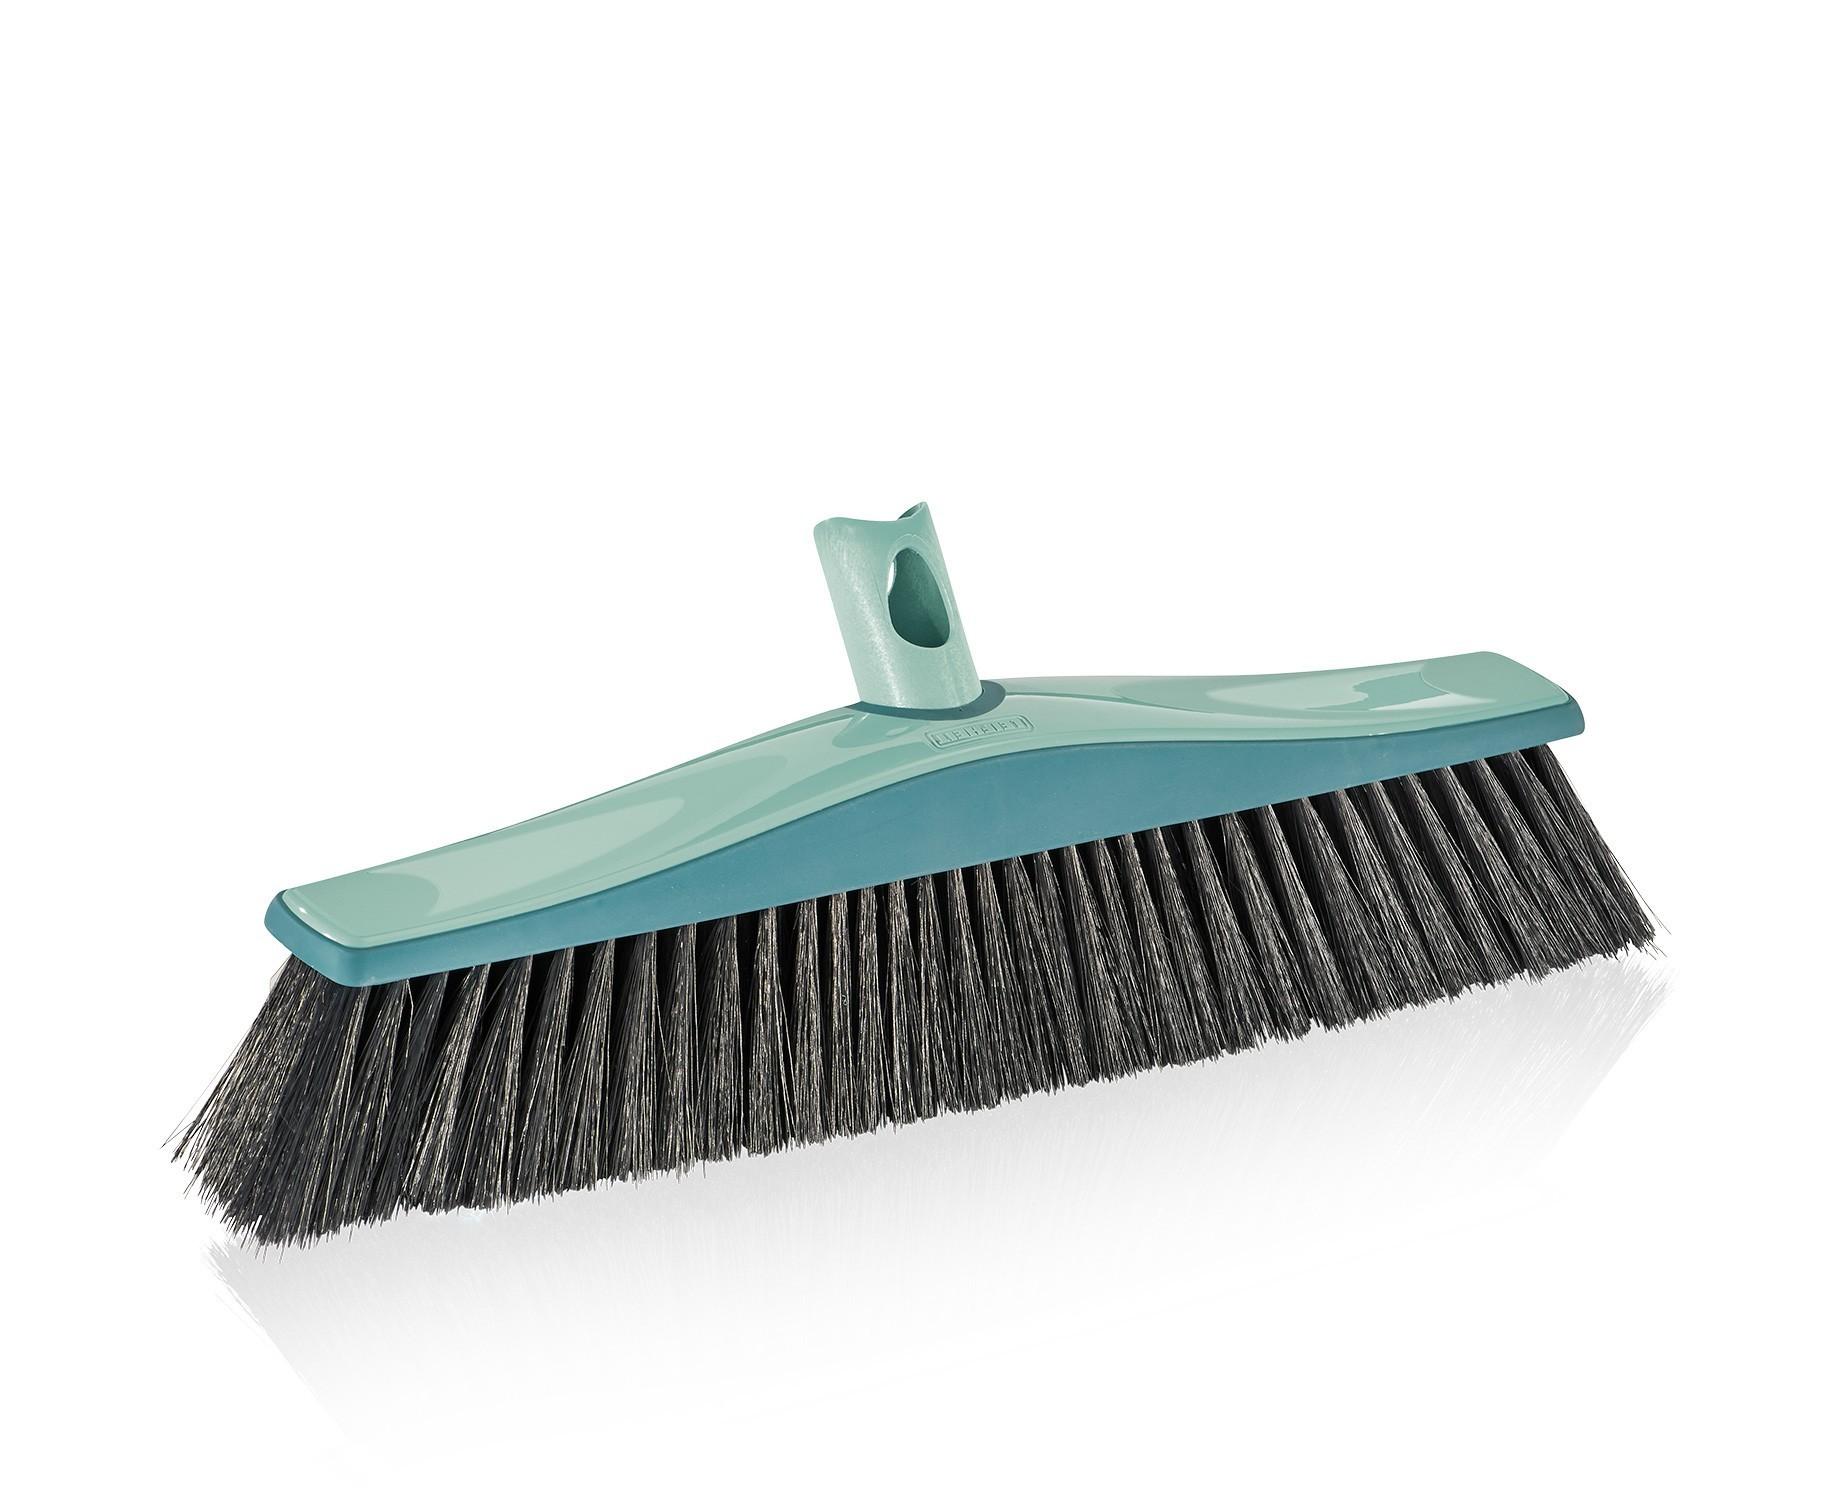 Leifheit Allround Besen Xtra Clean Plus 40 cm Bild 1